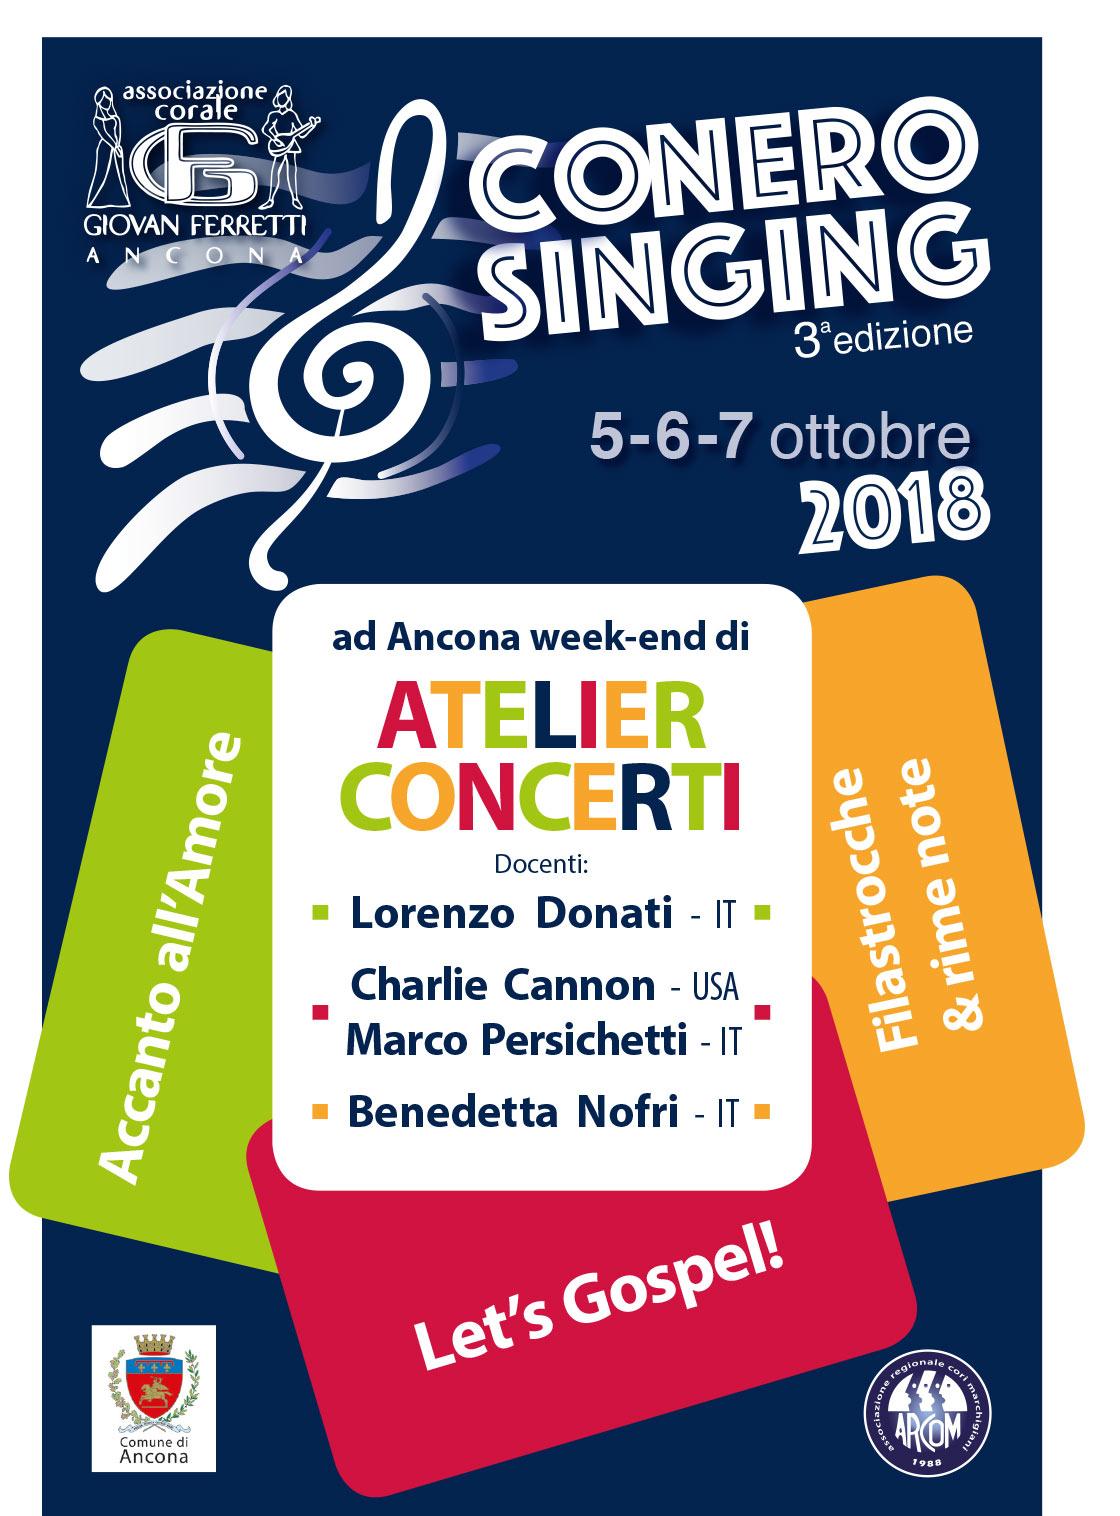 Brochure Conero Singing 2018